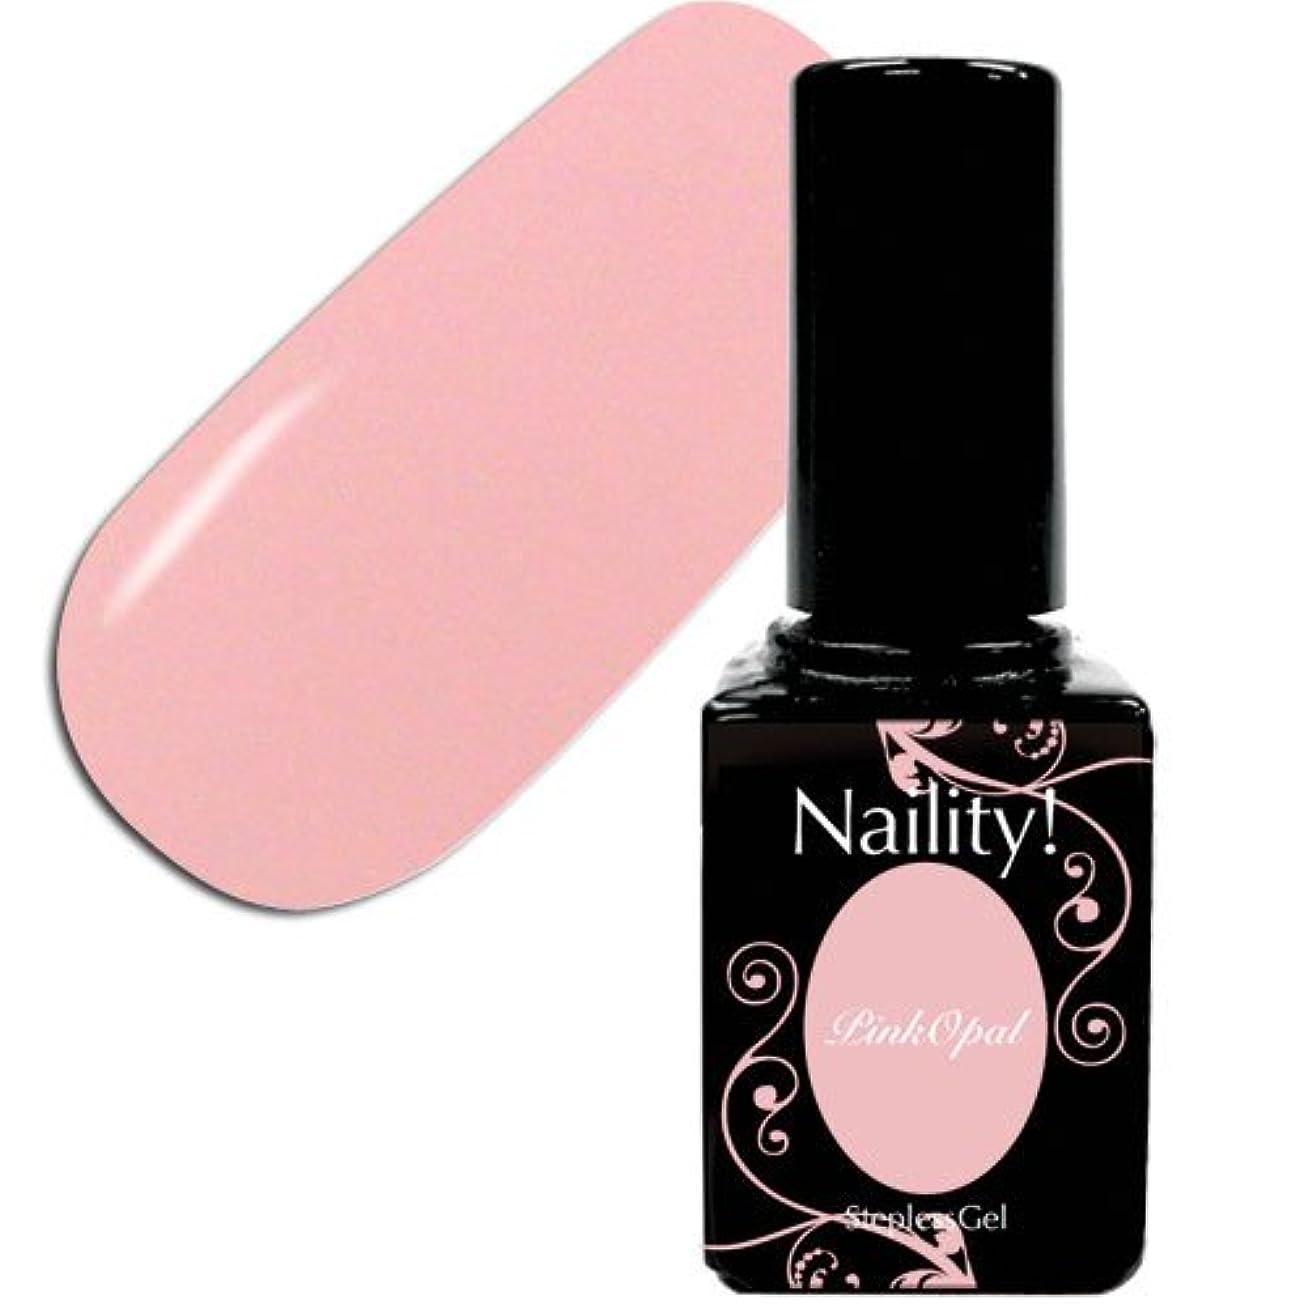 規範出席する排除Naility! ステップレスジェル 184 ピンクオパール 7g